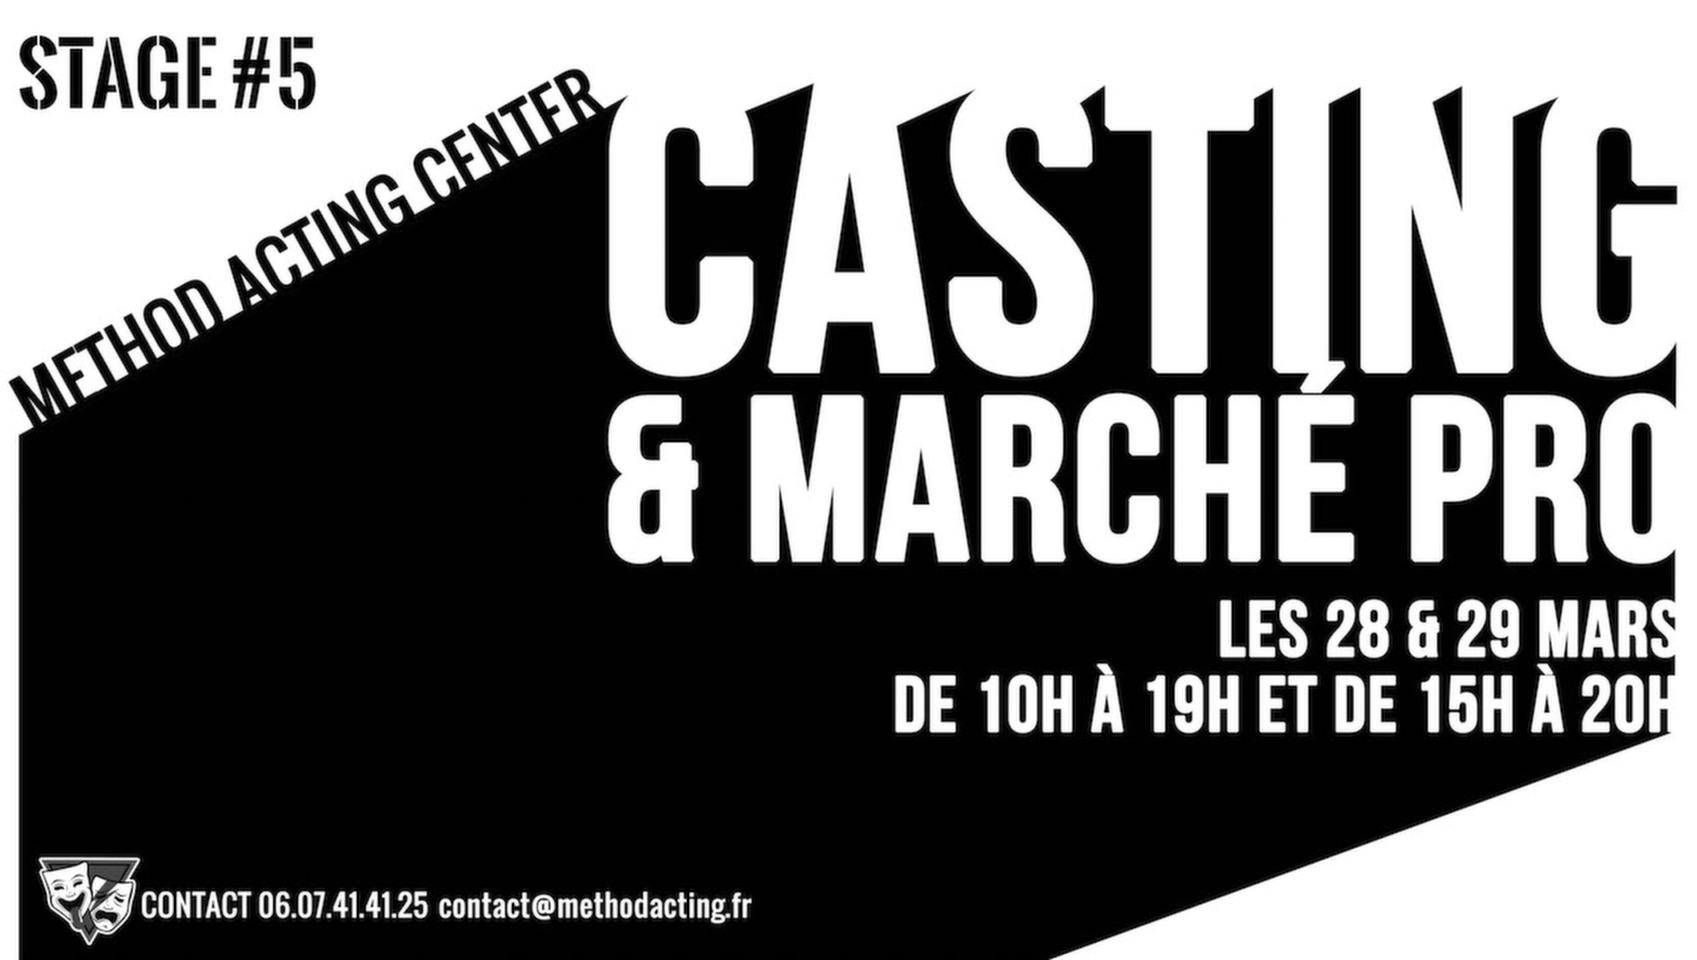 Stage 5 Casting et Marché Professionnel <br />Method Acting Center<br /><br />Une hésitation lors d'un casting ou d'une audition ?<br />Vous vous demandez comment démarcher le milieu professionnel du cinéma ?<br />Vous avez besoin d'aide et des conseils avisés de professionnels ?<br /><br />Pour répondre à toutes vos questions, Method Acting Center vous propose le stage weekend : Casting & Marché Professionnel.<br /><br />Stage weekend du 28 &29 Mars 2020<br />de10h à 19h le samedi et de 15h à 20h le dimanche<br />93 Avenue d'Italie, Paris 13e<br />avec Maya Serrulla (Directrice de Casting Cinéma) & David Barrouk (Fondateur de Method Acting Center, Scénariste, Réalisateur et Producteur).<br /><br />Programme du SAMEDI<br />- Rencontre et mise en situation de casting avec Maya Serrulla, Directrice de Casting Cinéma<br />- Débrief des prestations avec chaque stagiaire<br />- Au cours de la journée, vous serez libres de lui poser toutes vos éventuelles questions relatives aux castings<br /><br />Programme du DIMANCHE<br />Table ronde active et participative avec David Barrouk, autour de plusieurs sujets:<br />- Mieux comprendre le marché professionnel pour mieux l'aborder<br />- Casser les mythes du métier pour être véritablement entrepreneur de sa carrière<br />- Savoir comment démarcher, se positionner en tant qu'artiste<br />- Identifier les possibilités alternatives qu'offrent les nouvelles technologies et les nouveaux médias<br /><br />INFOS & Réservation<br />- De 8 à 16 personnes<br />- 160€ pour un stage weekend<br />- Forfaits à partir de 3/6/9 stages weekend : 10% de remise / 15% de remise / 20% de remise, découvrez notre planning de stages 2019/2020<br />- Formations éligibles à l'AFDAS, aux OPCA, et Pôle emploi<br />- Un acompte de 30% vous sera demandé au moment de la réservation<br /><br />INSCRIPTIONS en ligne<br />https://www.methodacting.fr/stage-5-casting-marche-professionnel/<br />contact@methodacting.fr<br />06 07 41 41 25